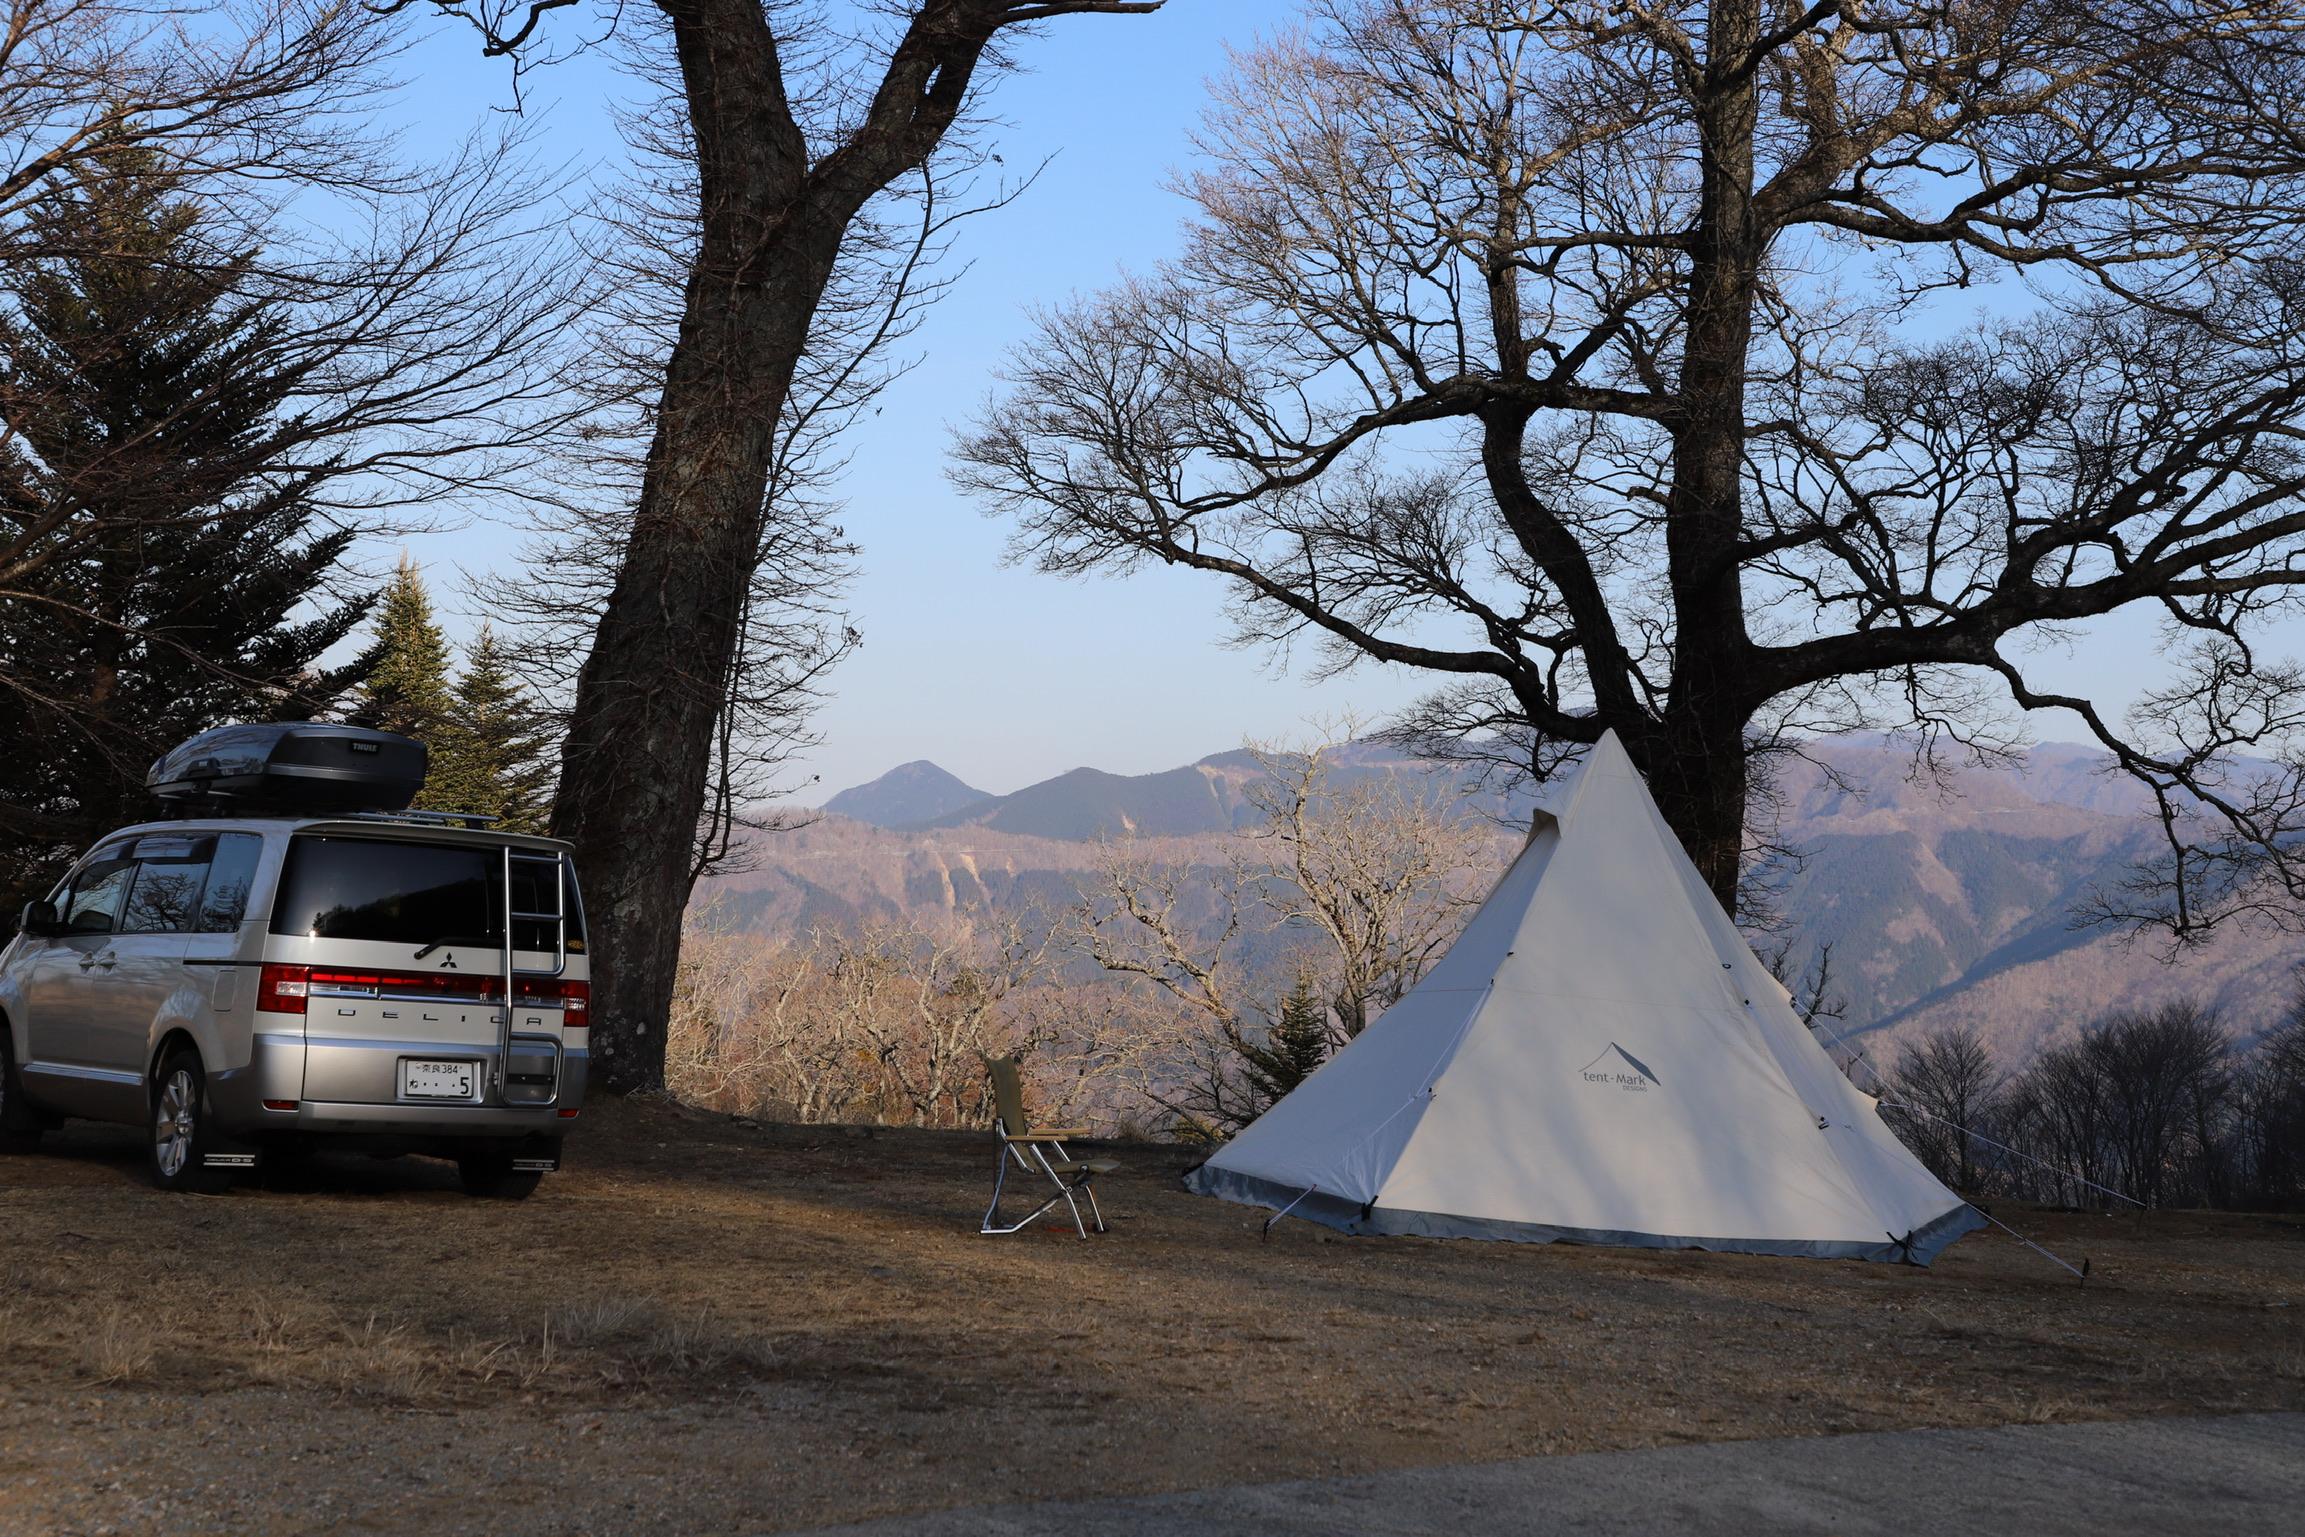 見晴らしが最高!和佐又山キャンプ場